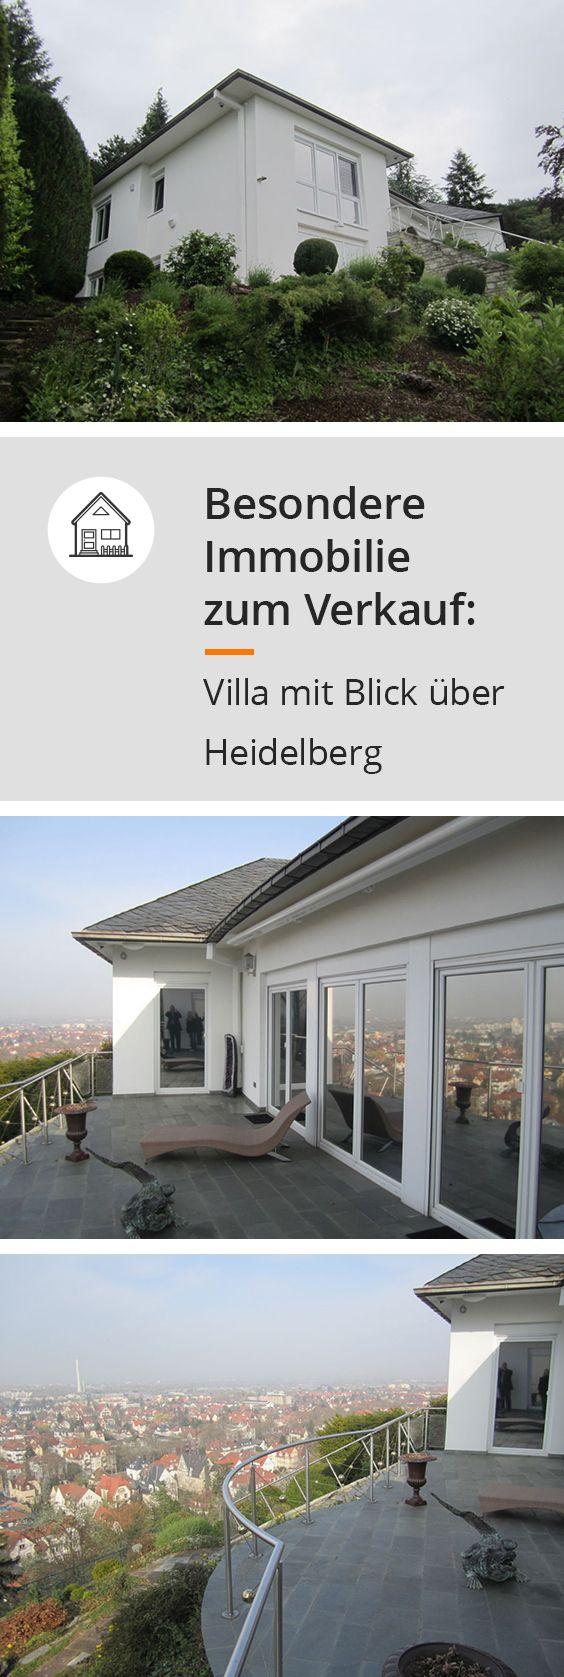 Villa mit Blick über ganz Heidelberg Inzahlungnahme Haus